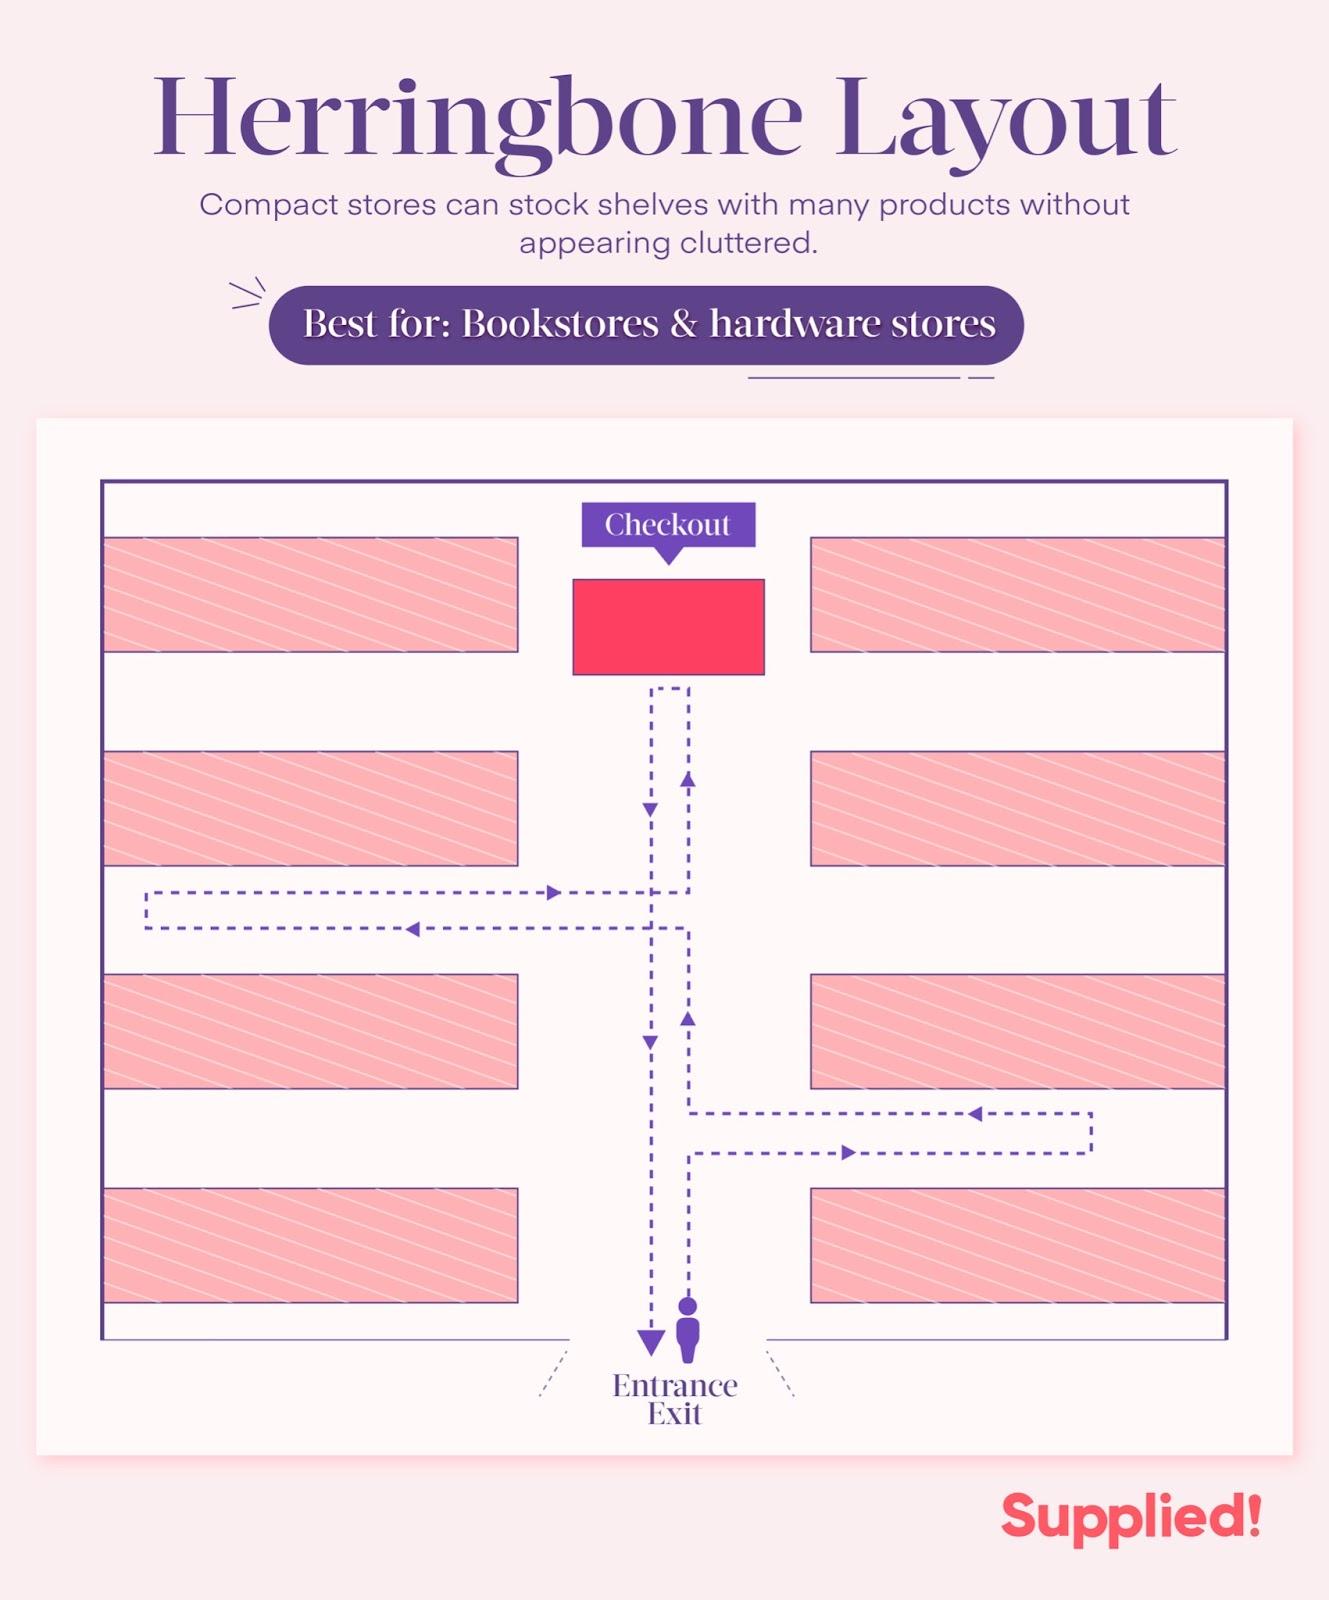 herringbone store layout